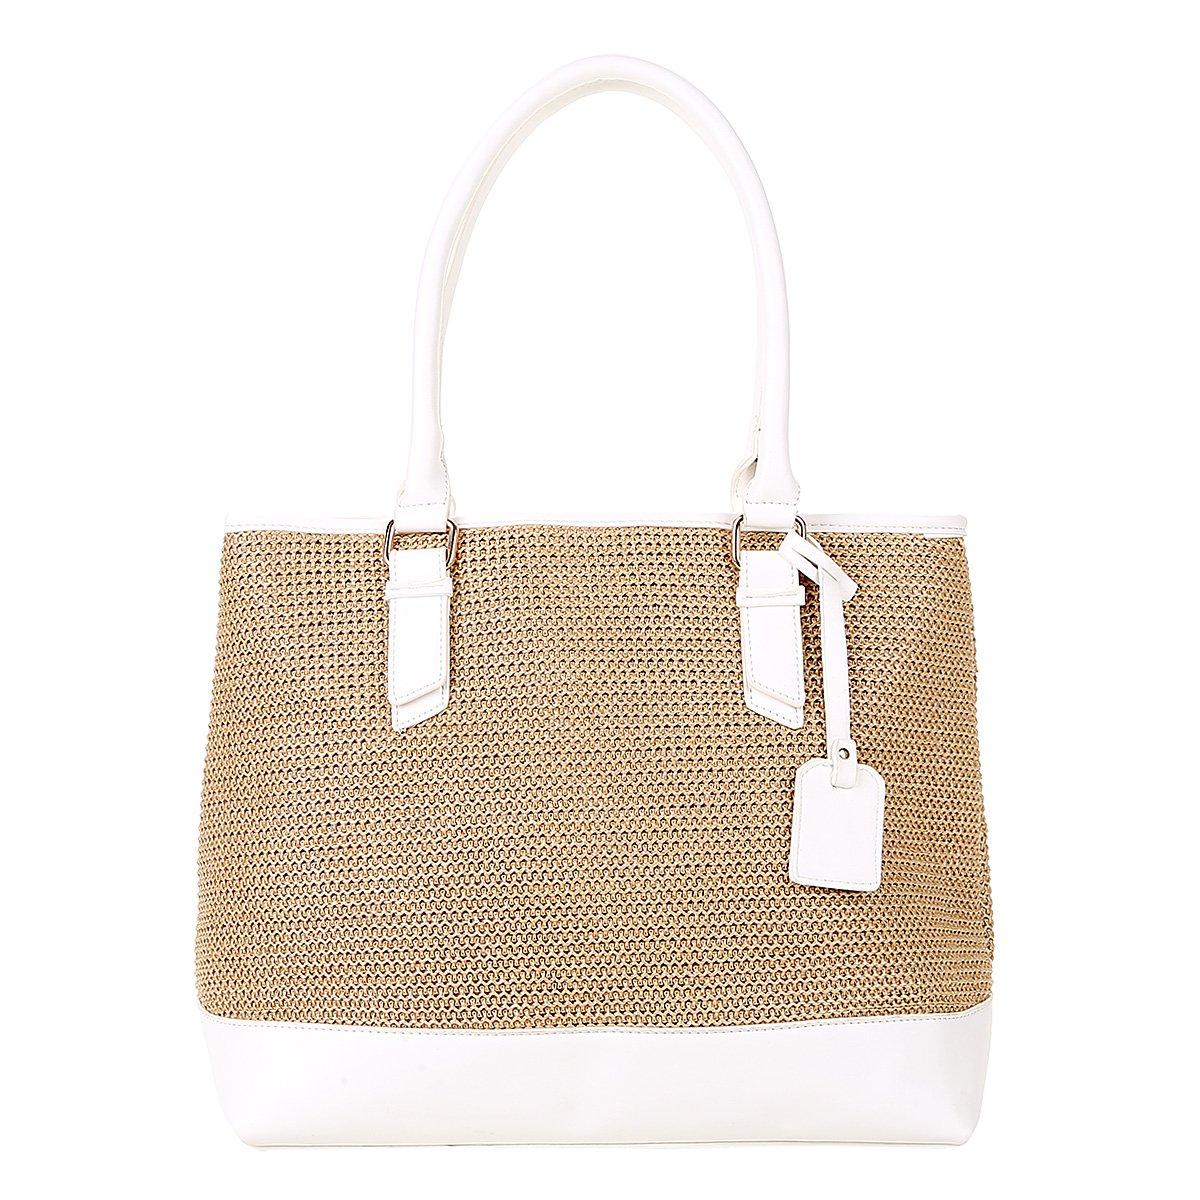 ca2298bb7 Bolsa Shoestock Shopper Palha Feminina - Compre Agora